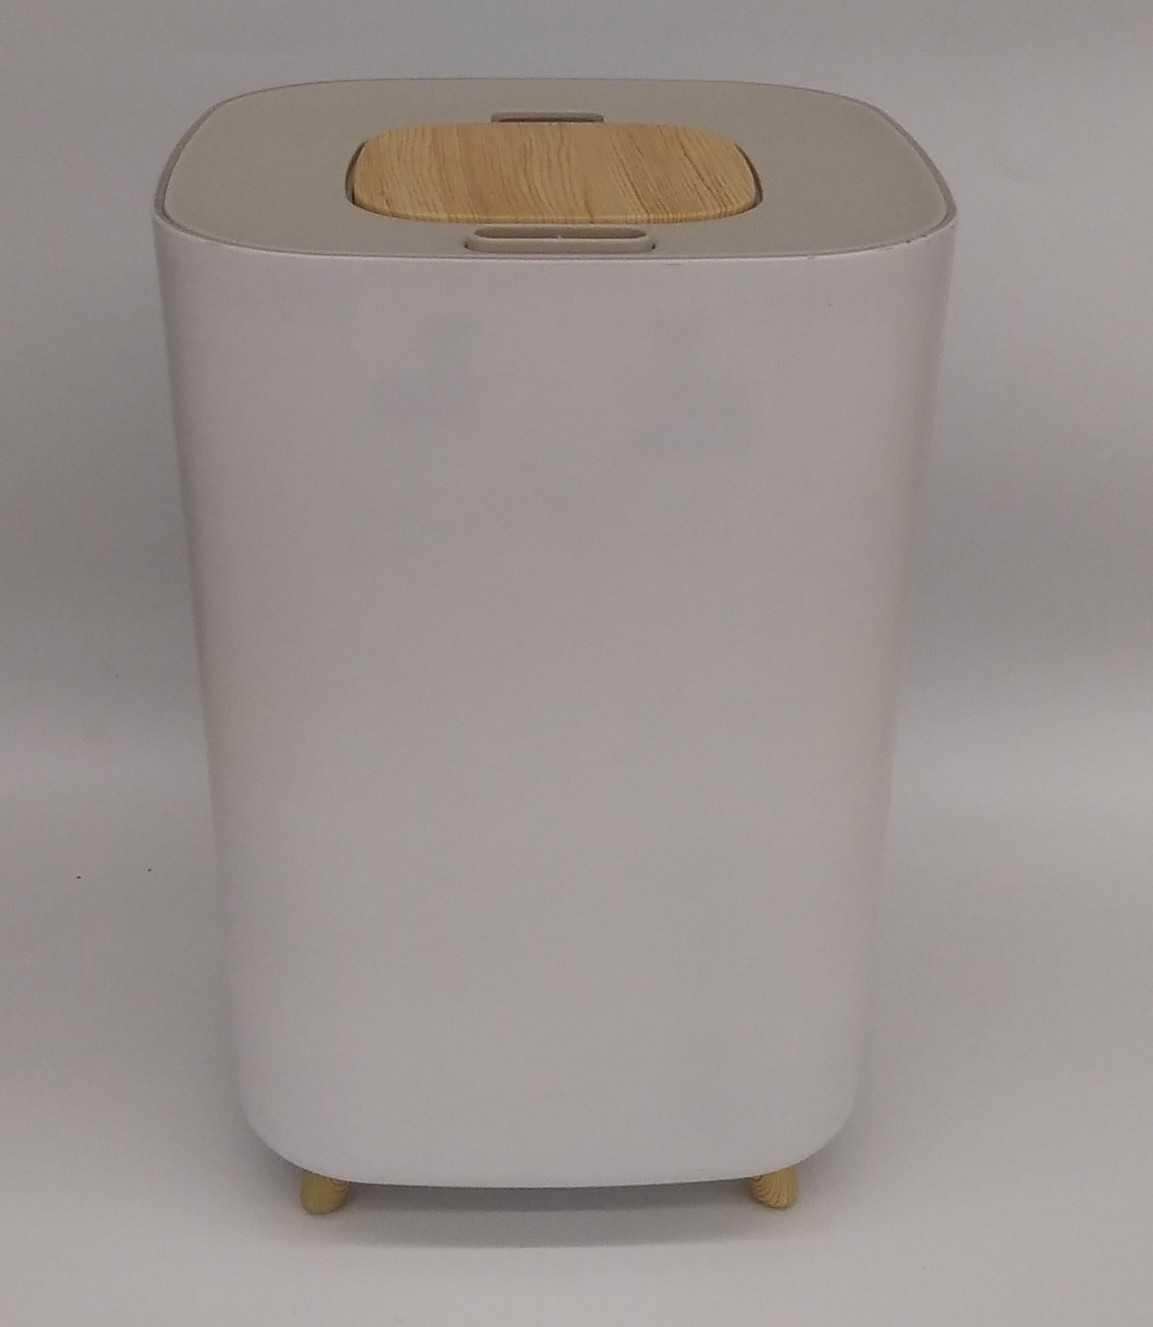 超音波アロマ加湿器|エレス株式会社